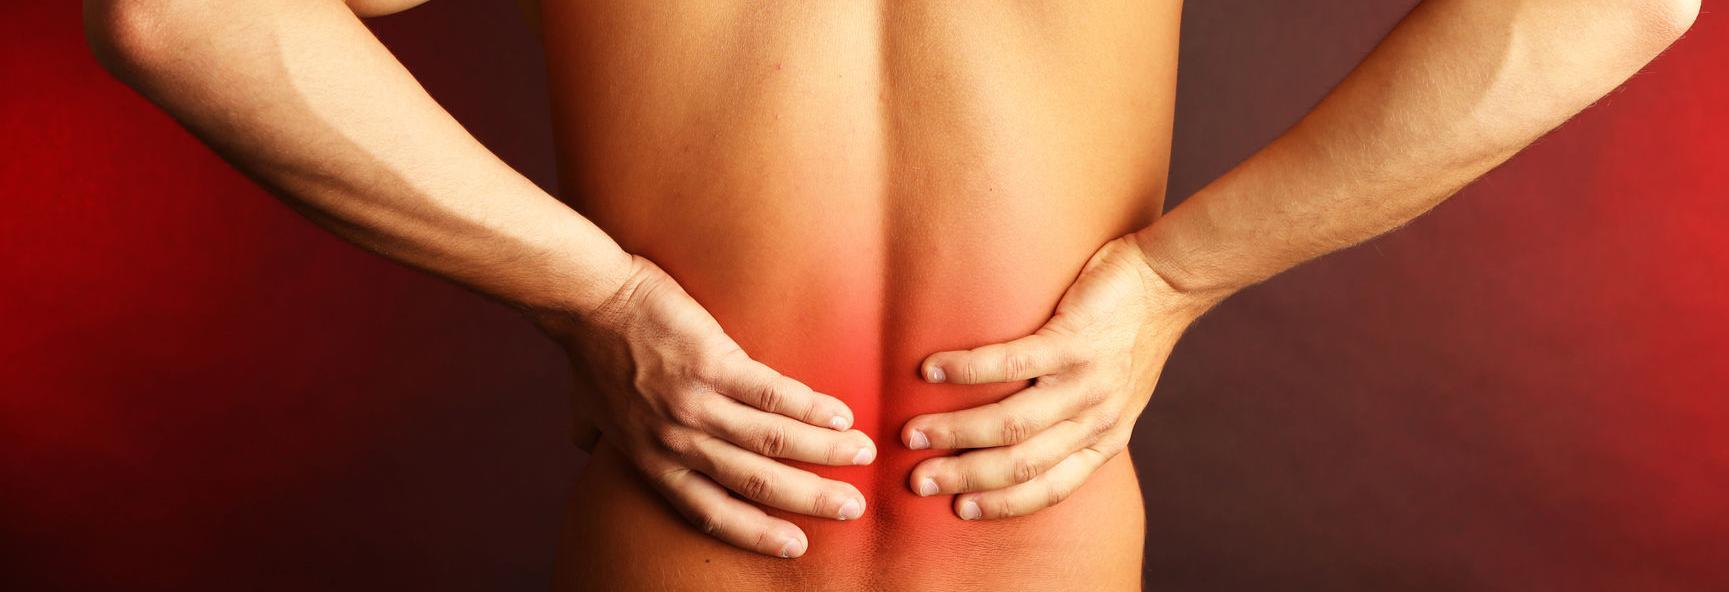 Aderholdt Back Pain Institute - Bradenton banner